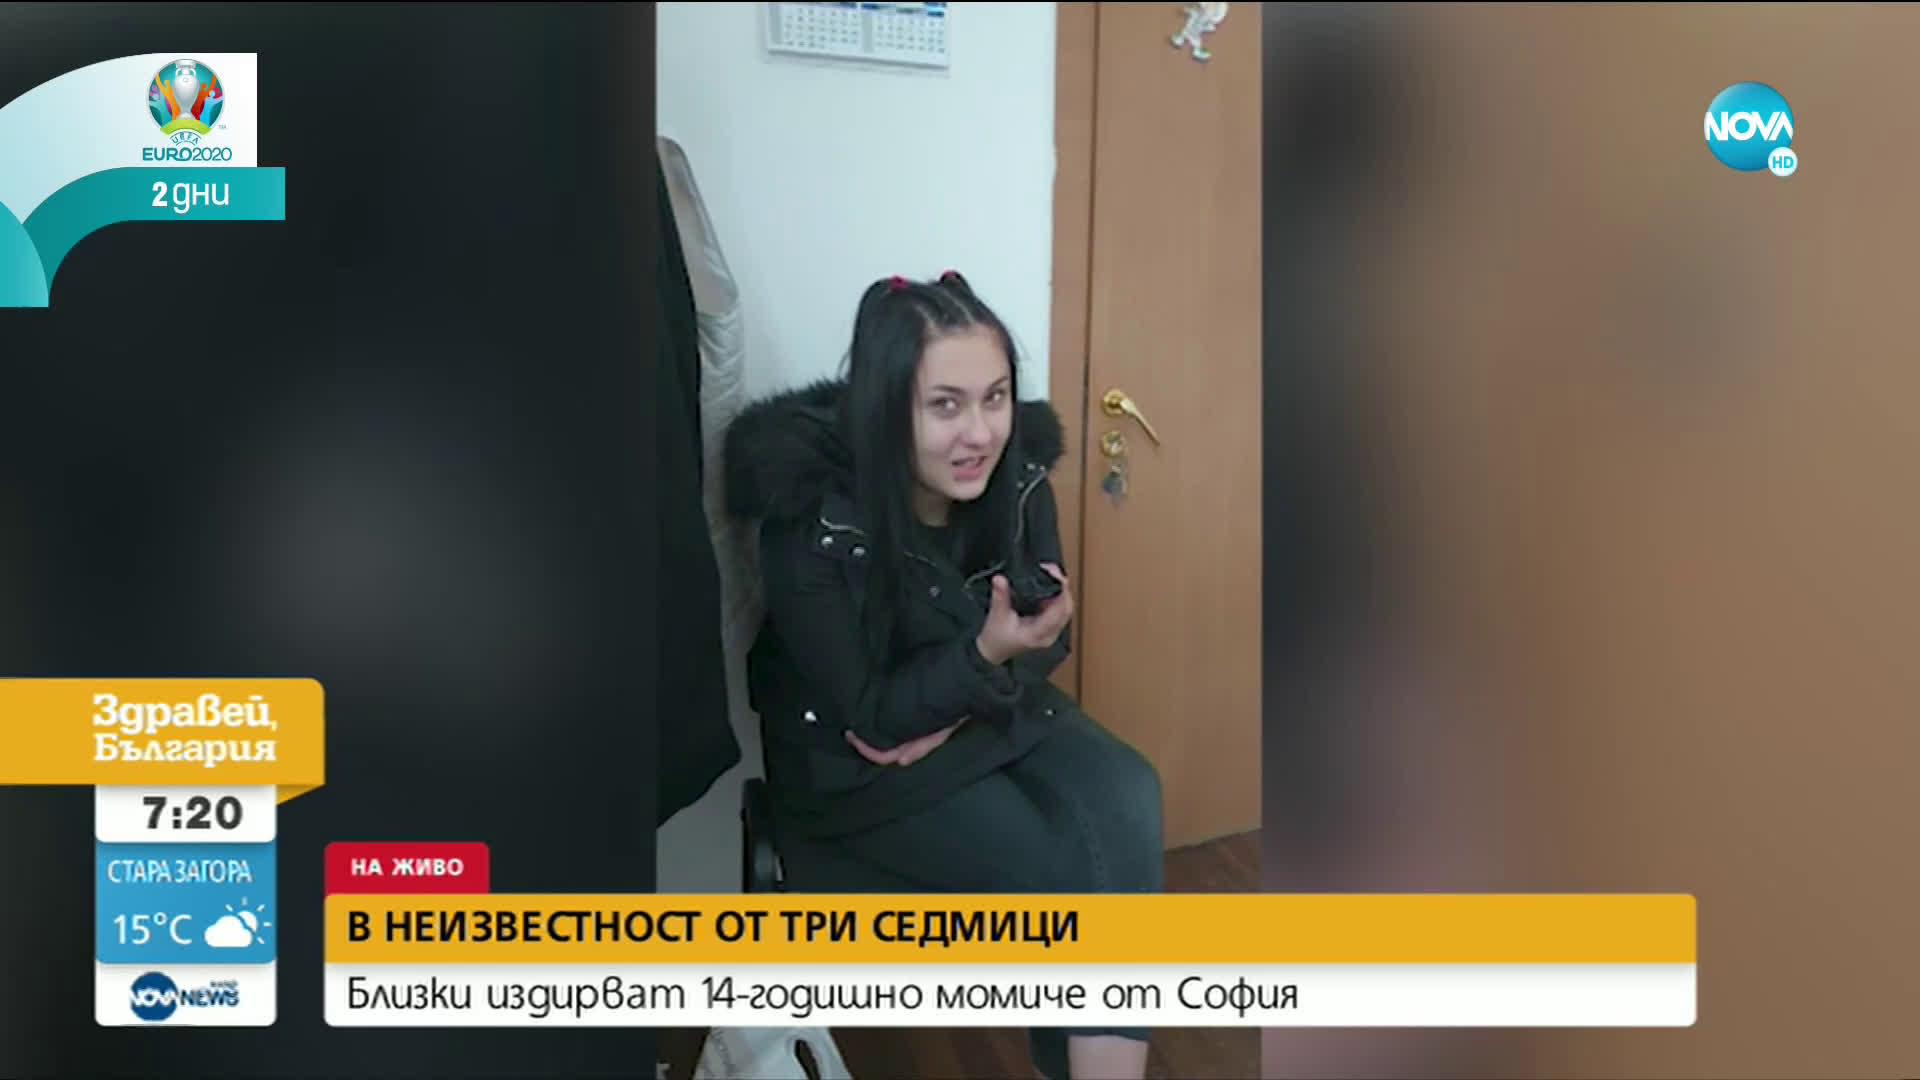 Близки издирват 14-годишно момиче от София